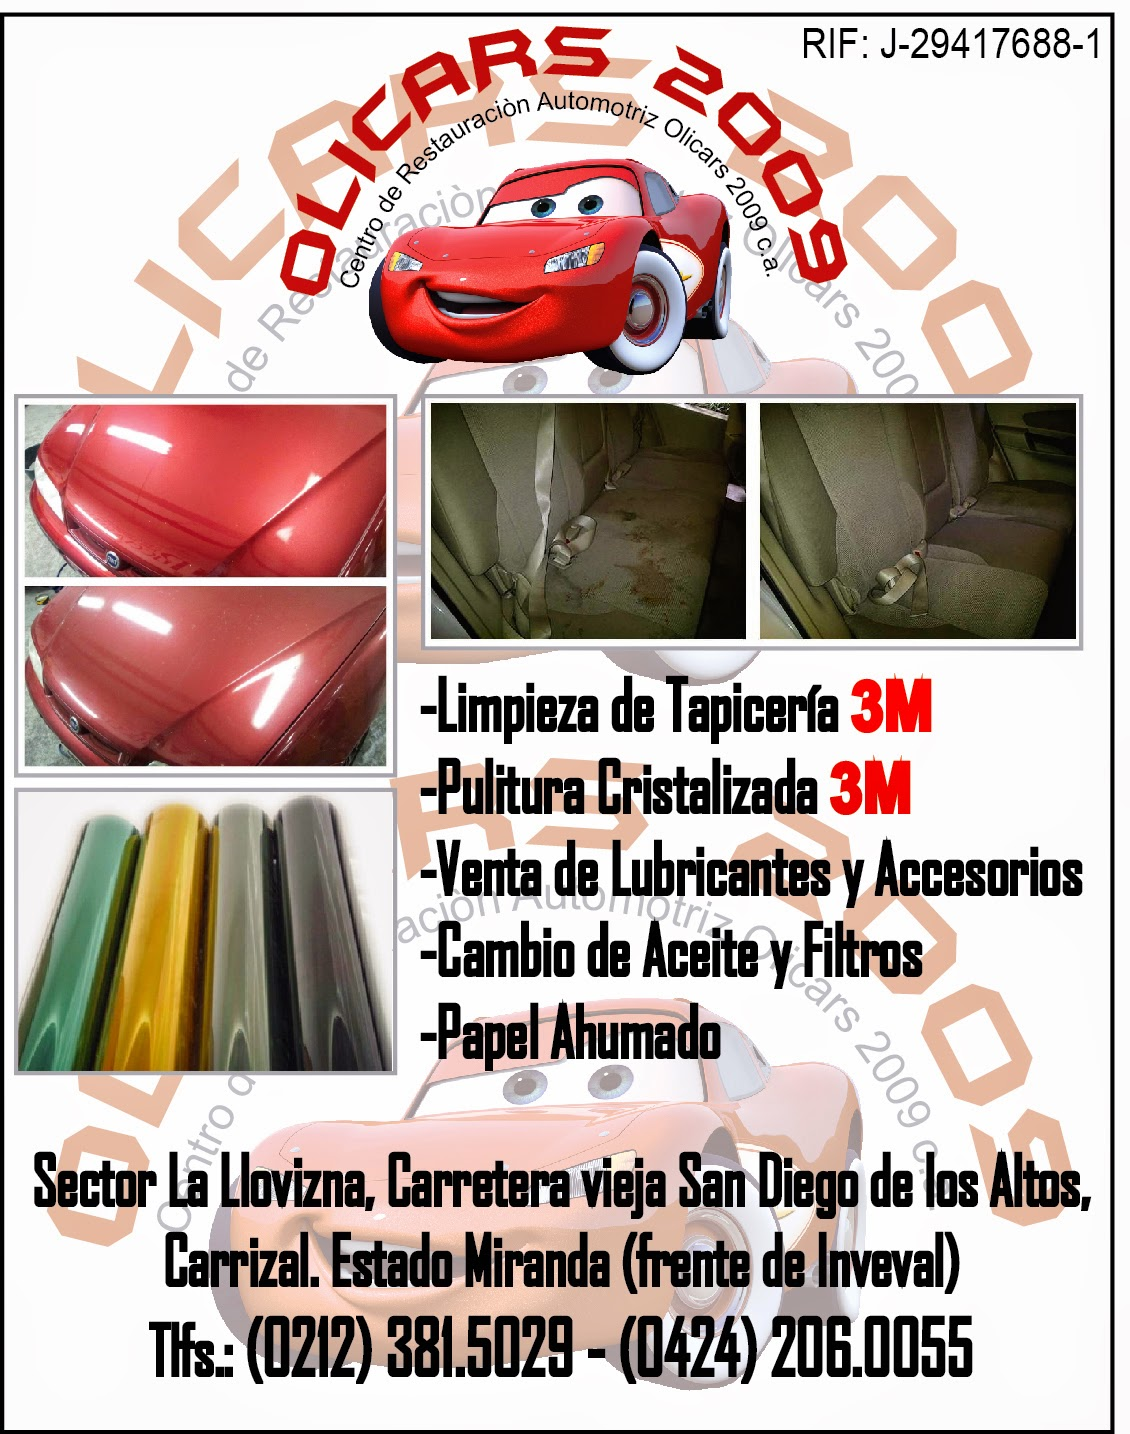 CENTRO DE RESTAURACION AUTOMOTRIZ OLICARS 2009 C.A. en Paginas Amarillas tu guia Comercial